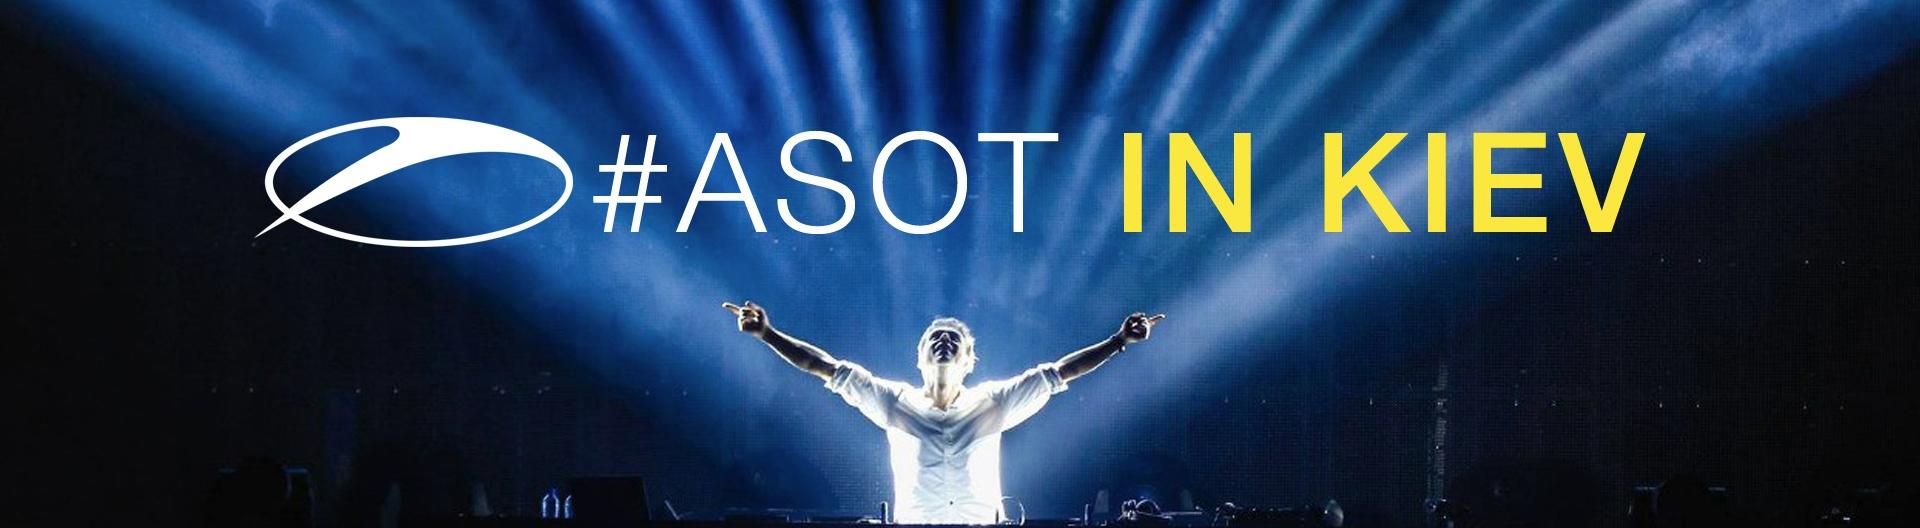 ASOT600 Kiev (@asot600kiev) Cover Image